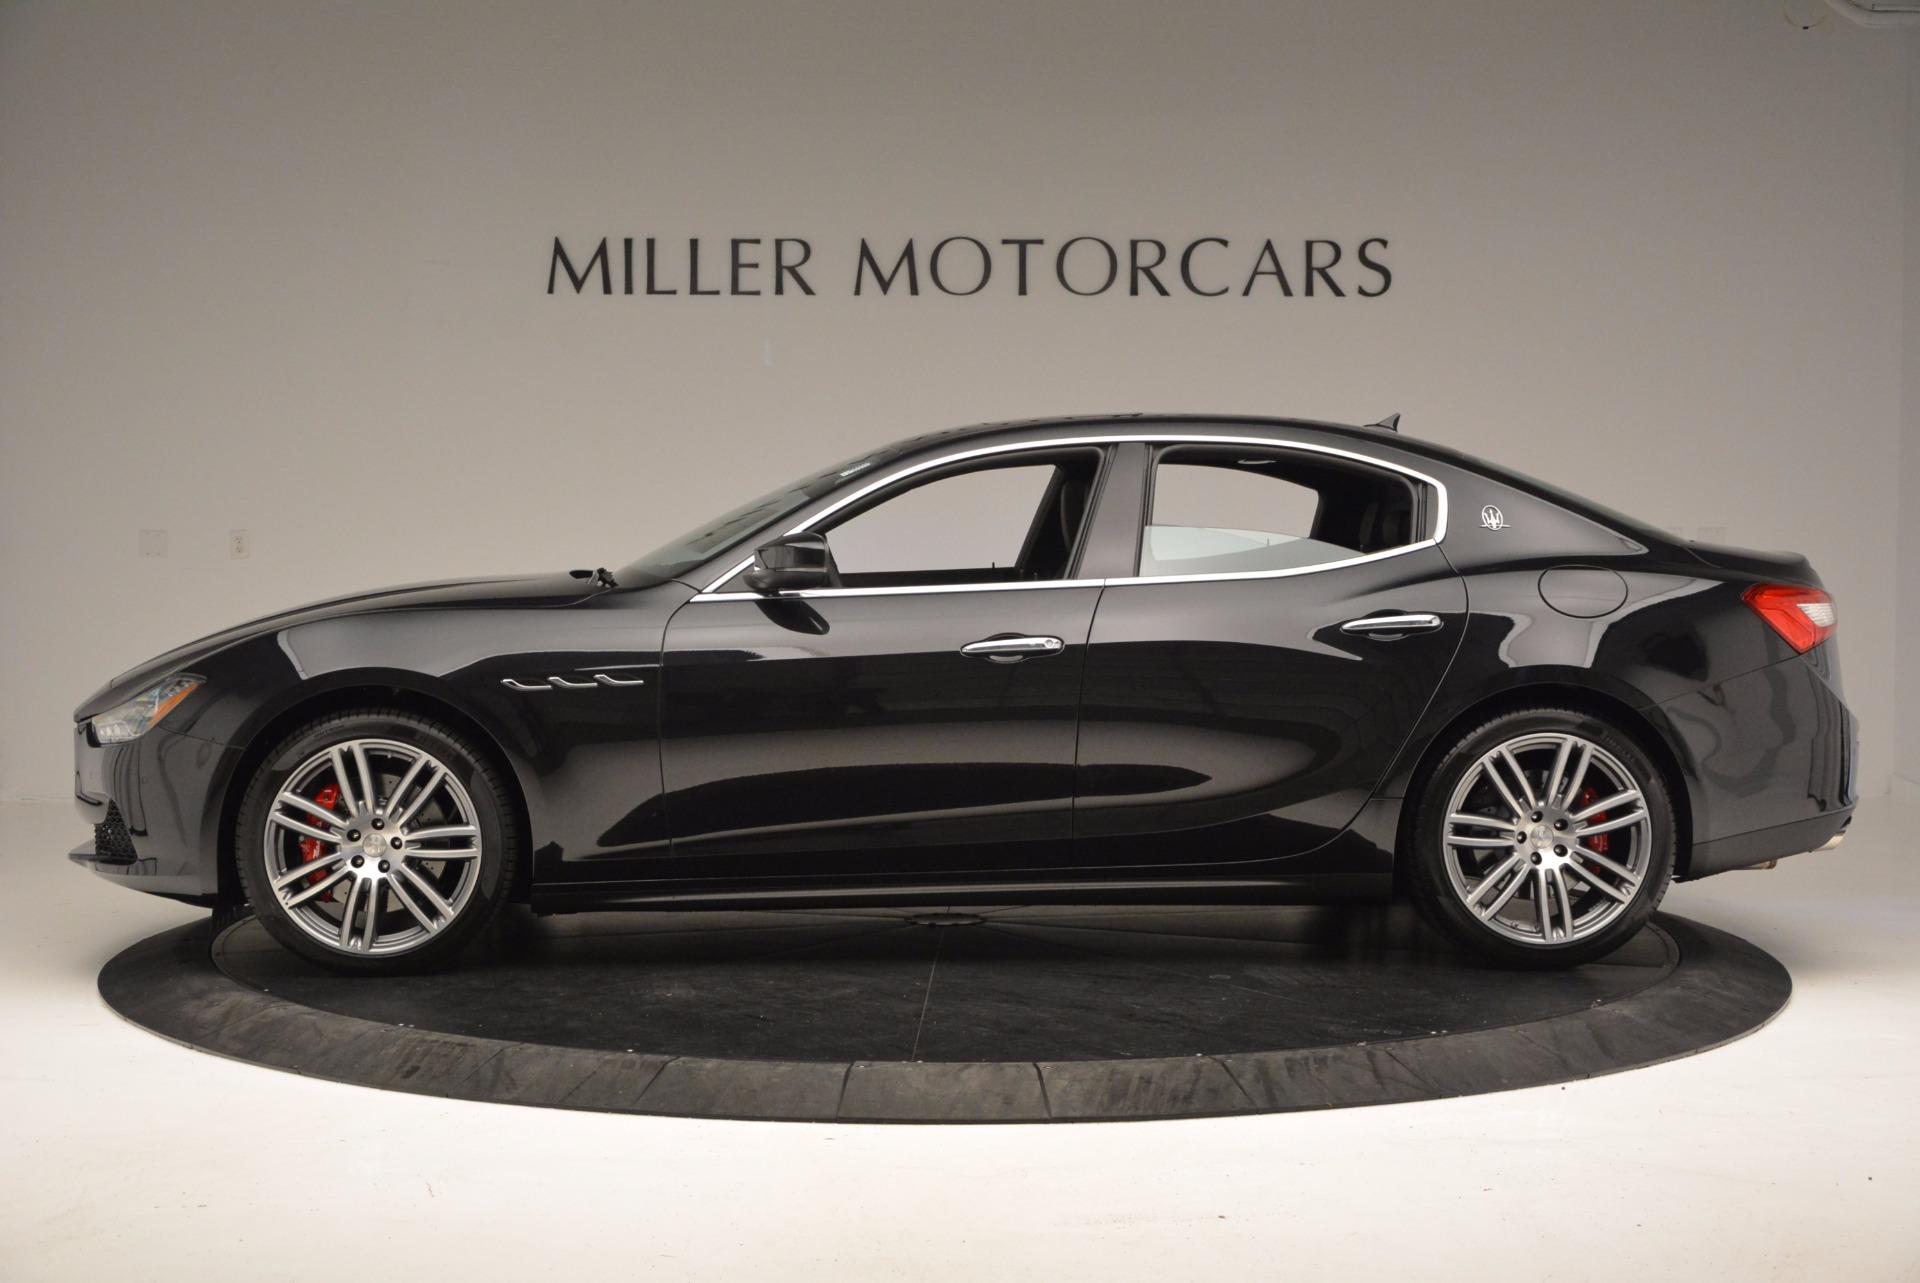 New 2017 Maserati Ghibli SQ4 For Sale In Greenwich, CT 1108_p3